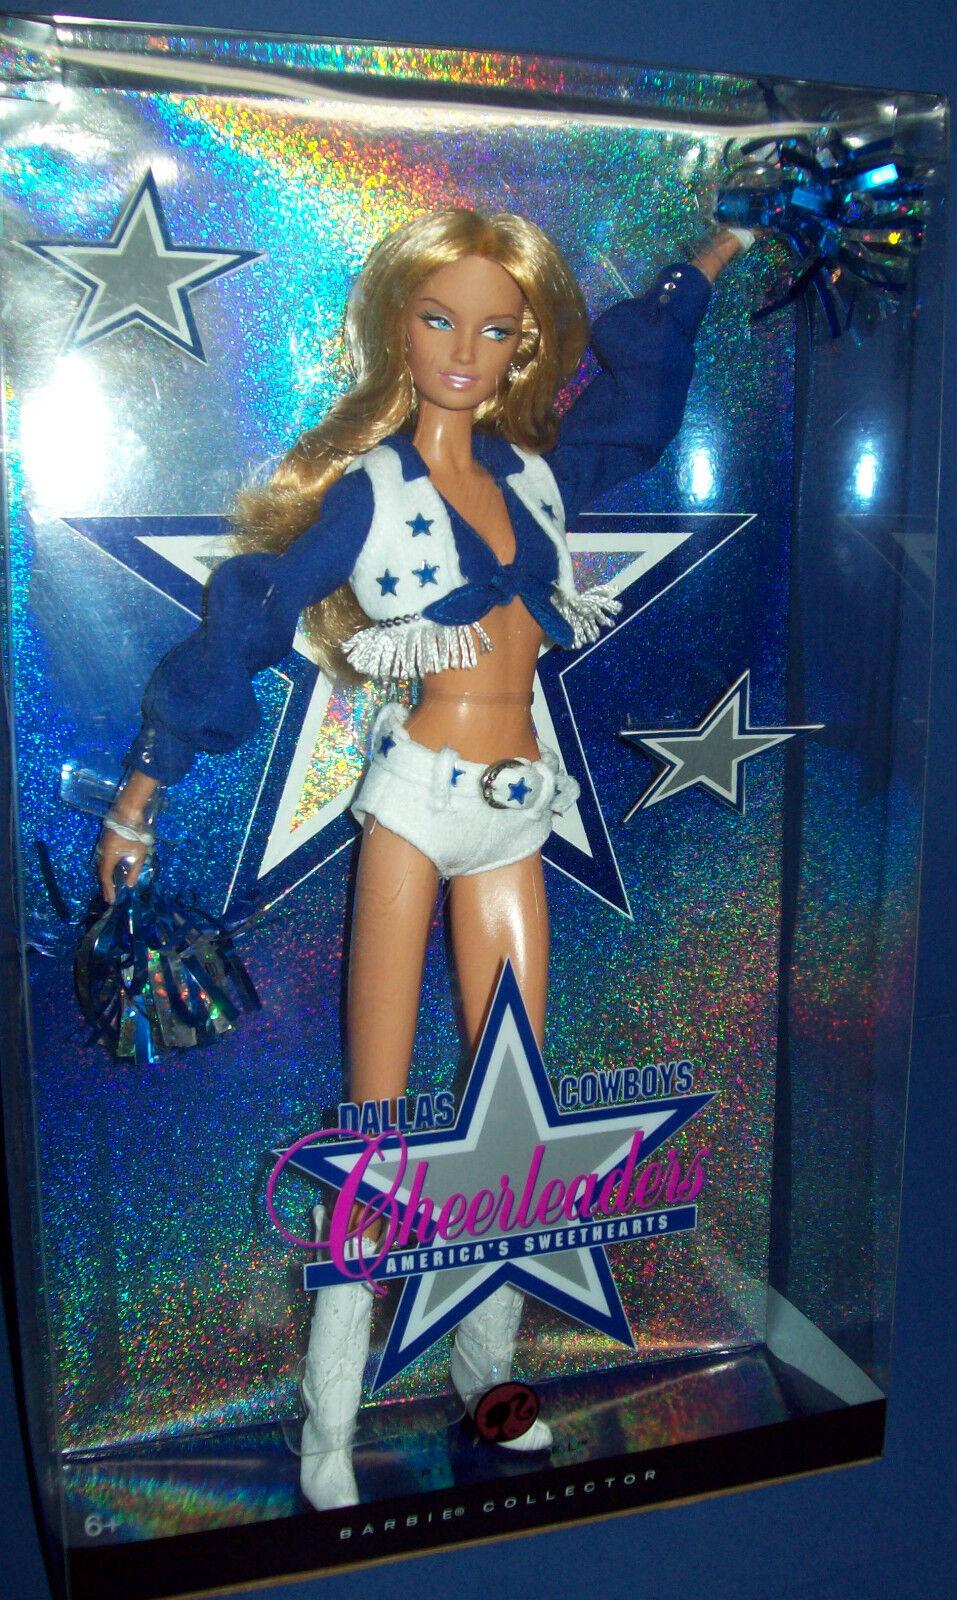 Barbie Dtuttias Cowboys Cheerleader  Biondo 2007 America's Cuori - Pennino  la migliore offerta del negozio online